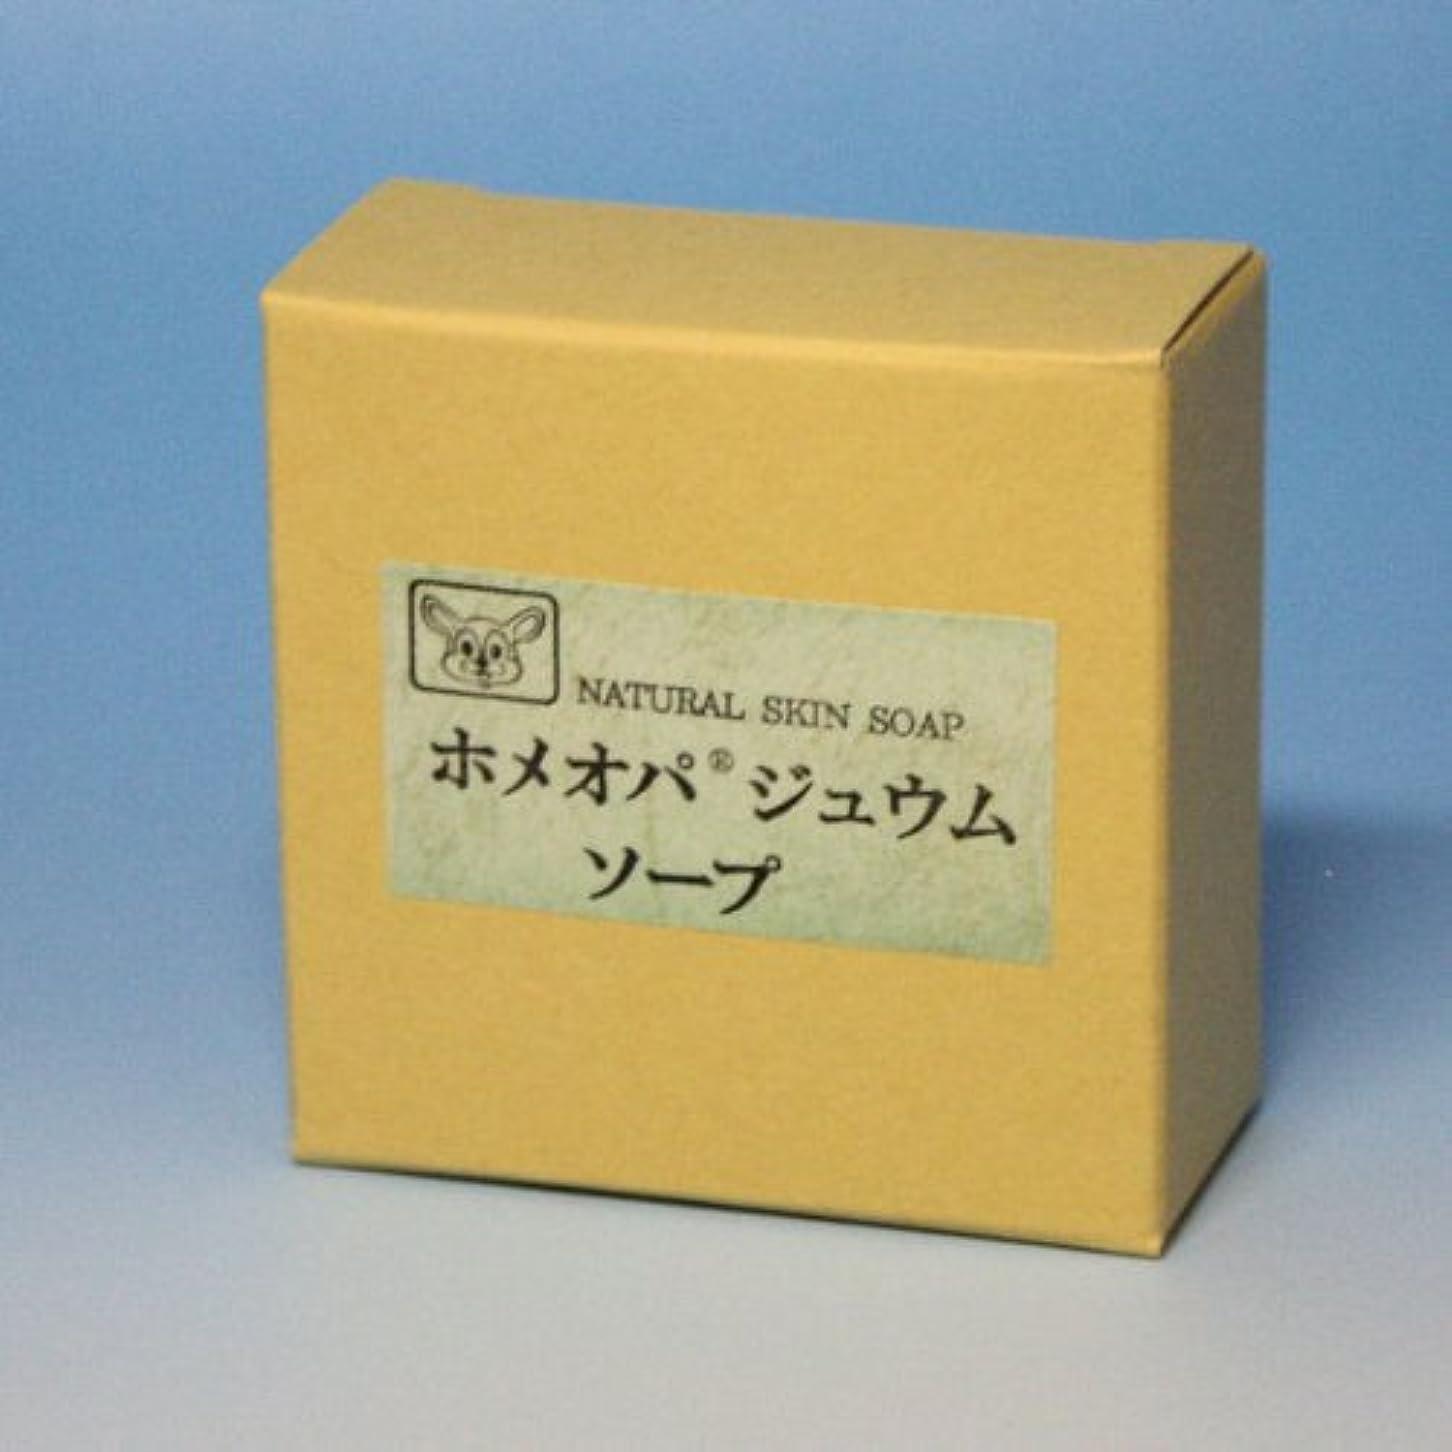 使用法ダブル順番ホメオパジュウムソープ 100g